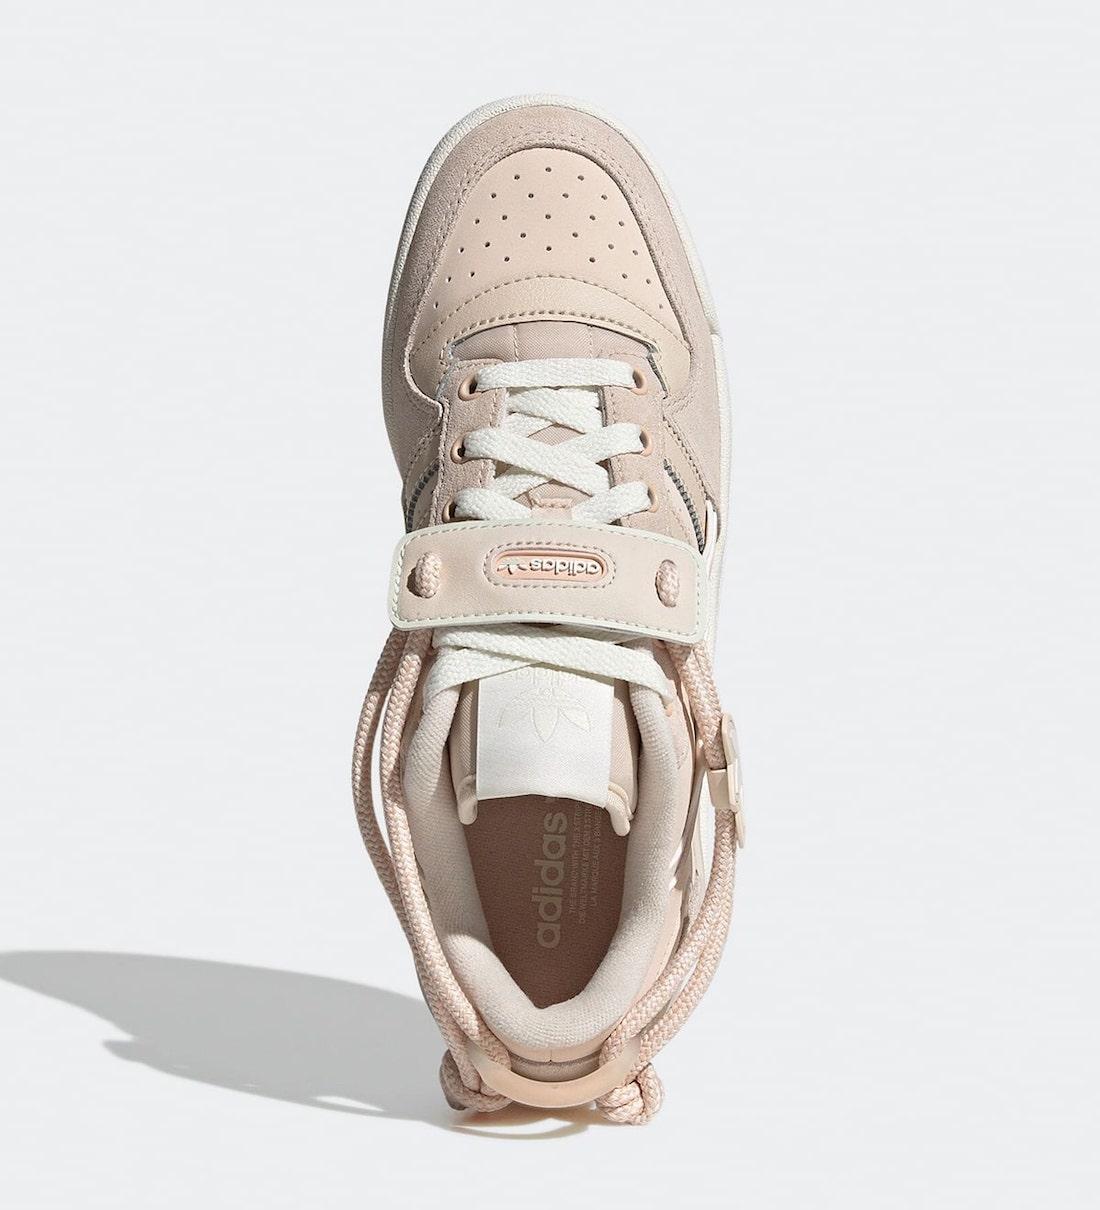 篮球鞋, Originals, Forum Low, adidas Forum Low, Adidas